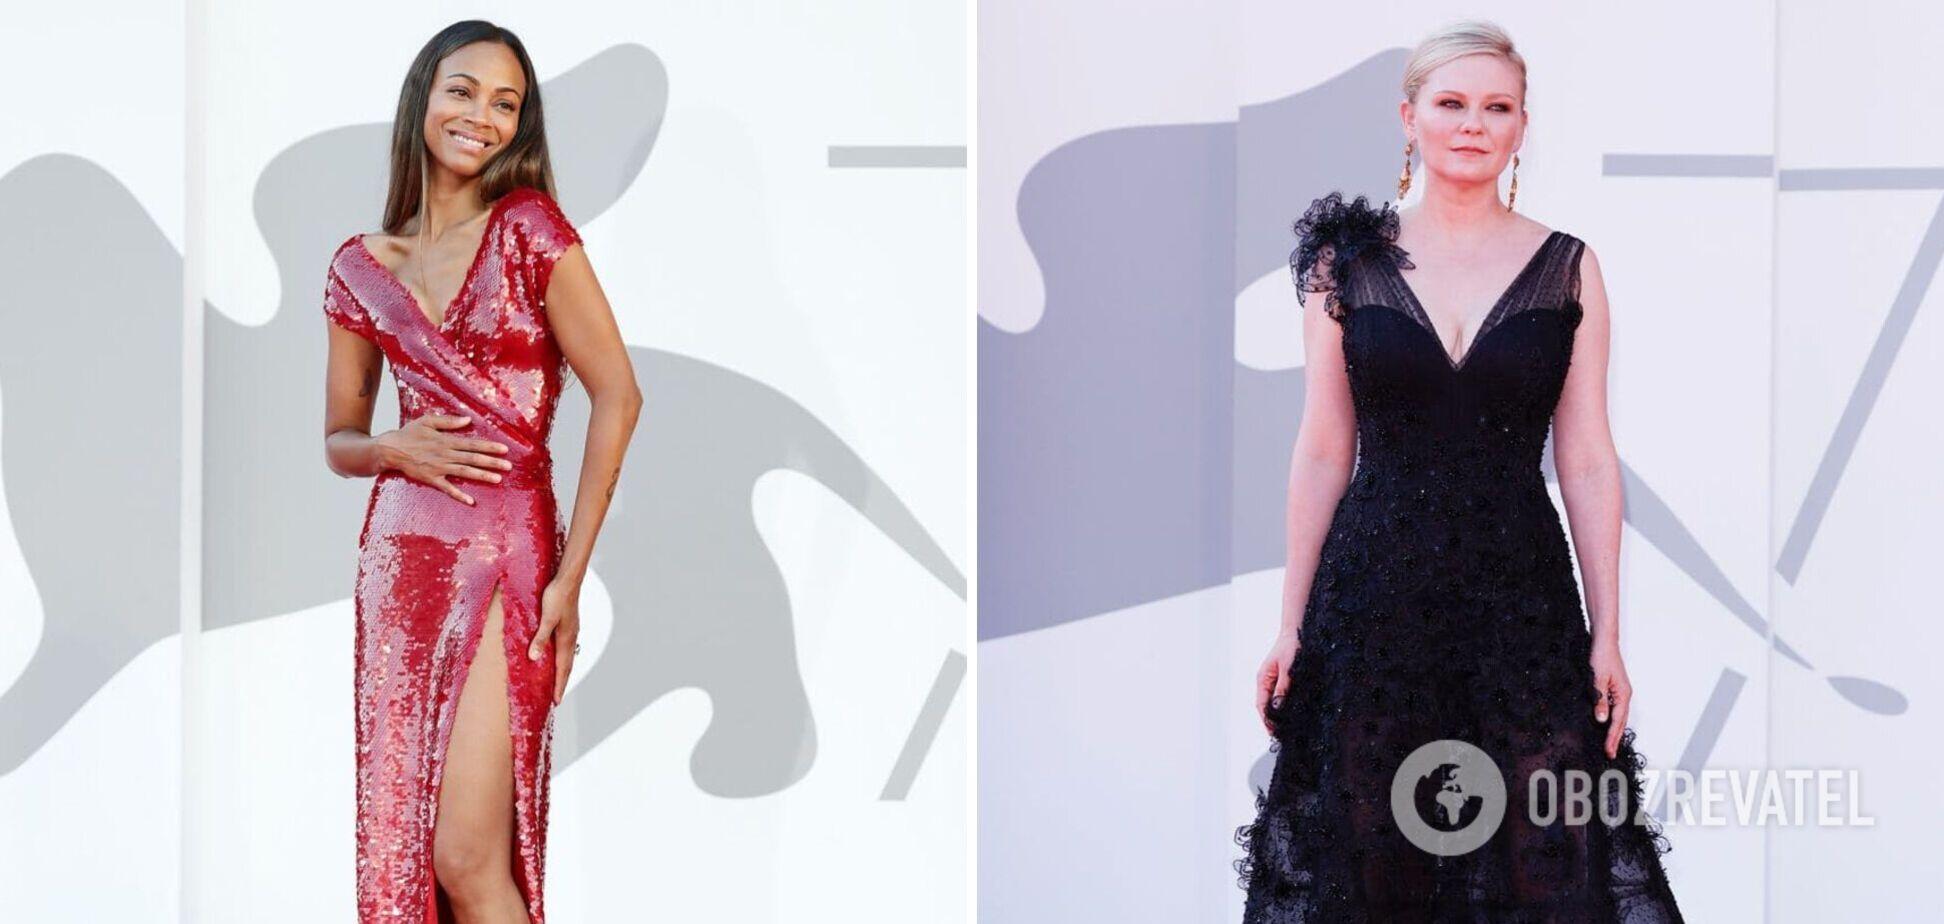 Джессика Честейн, Кирстен Данст и другие: в чем пришли голливудские звезды на Венецианский фестиваль. Фото